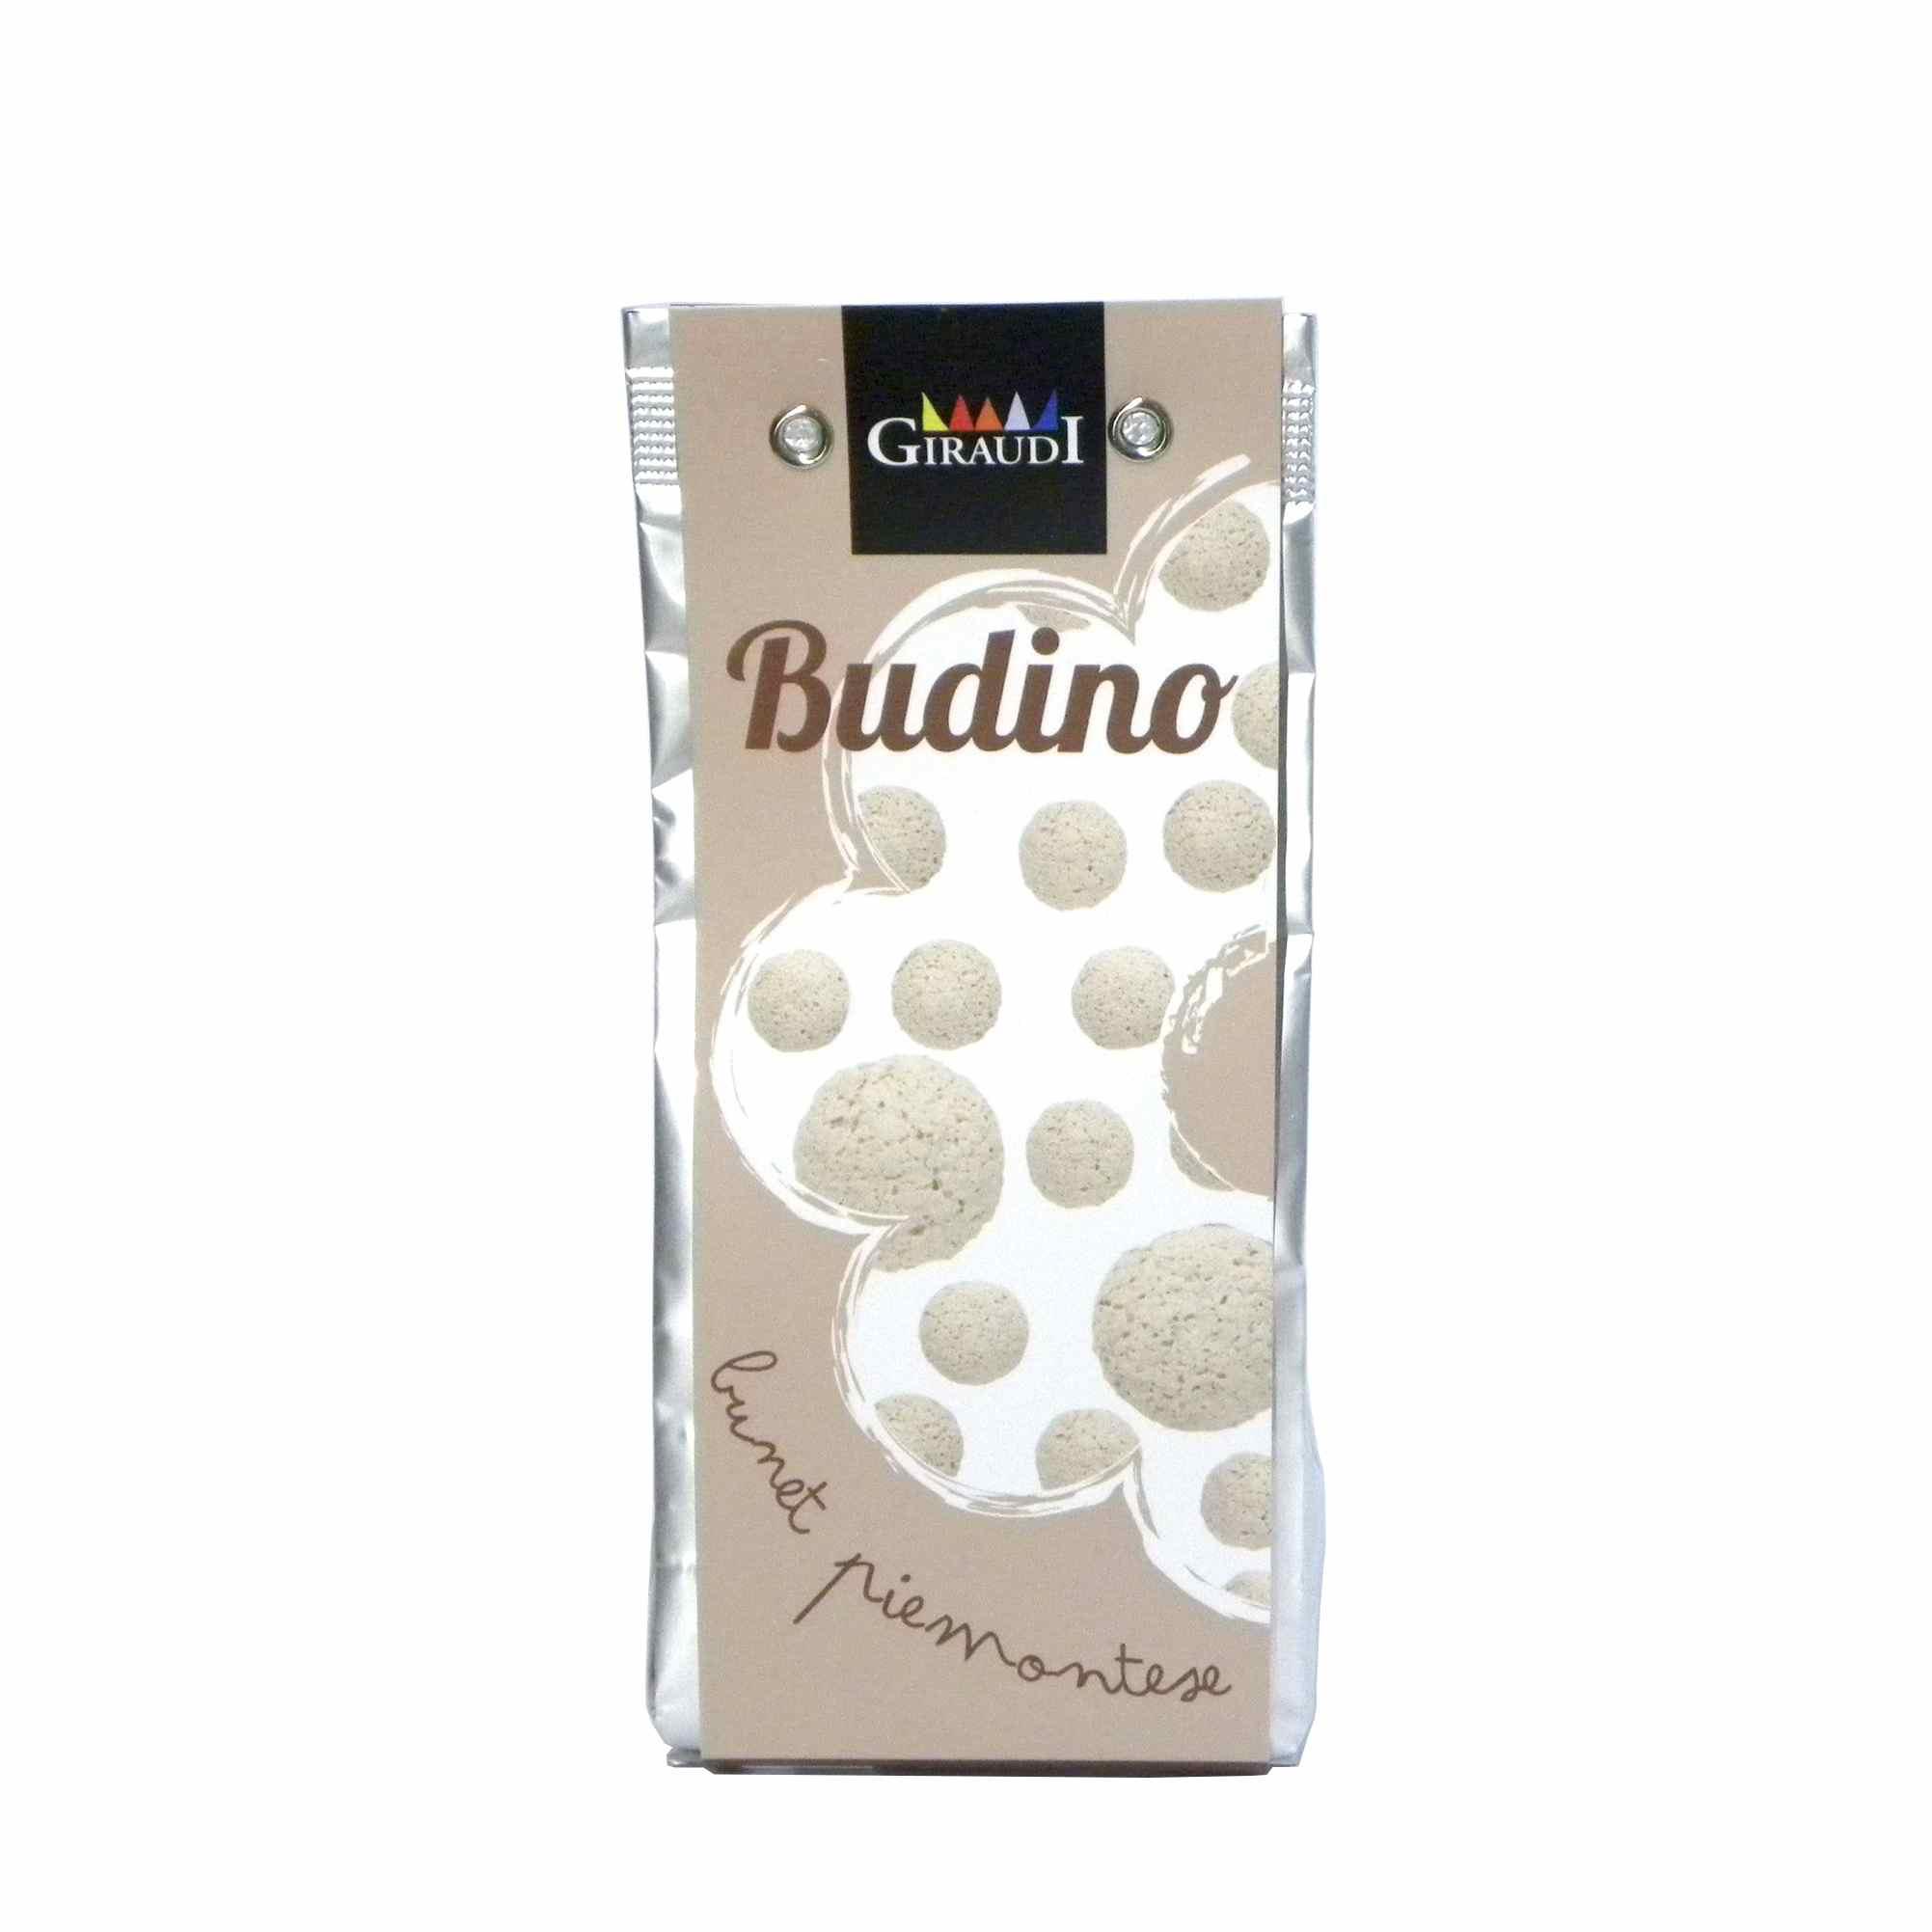 Giraudi_Budino_Bunet_Gustorotondo_fronte